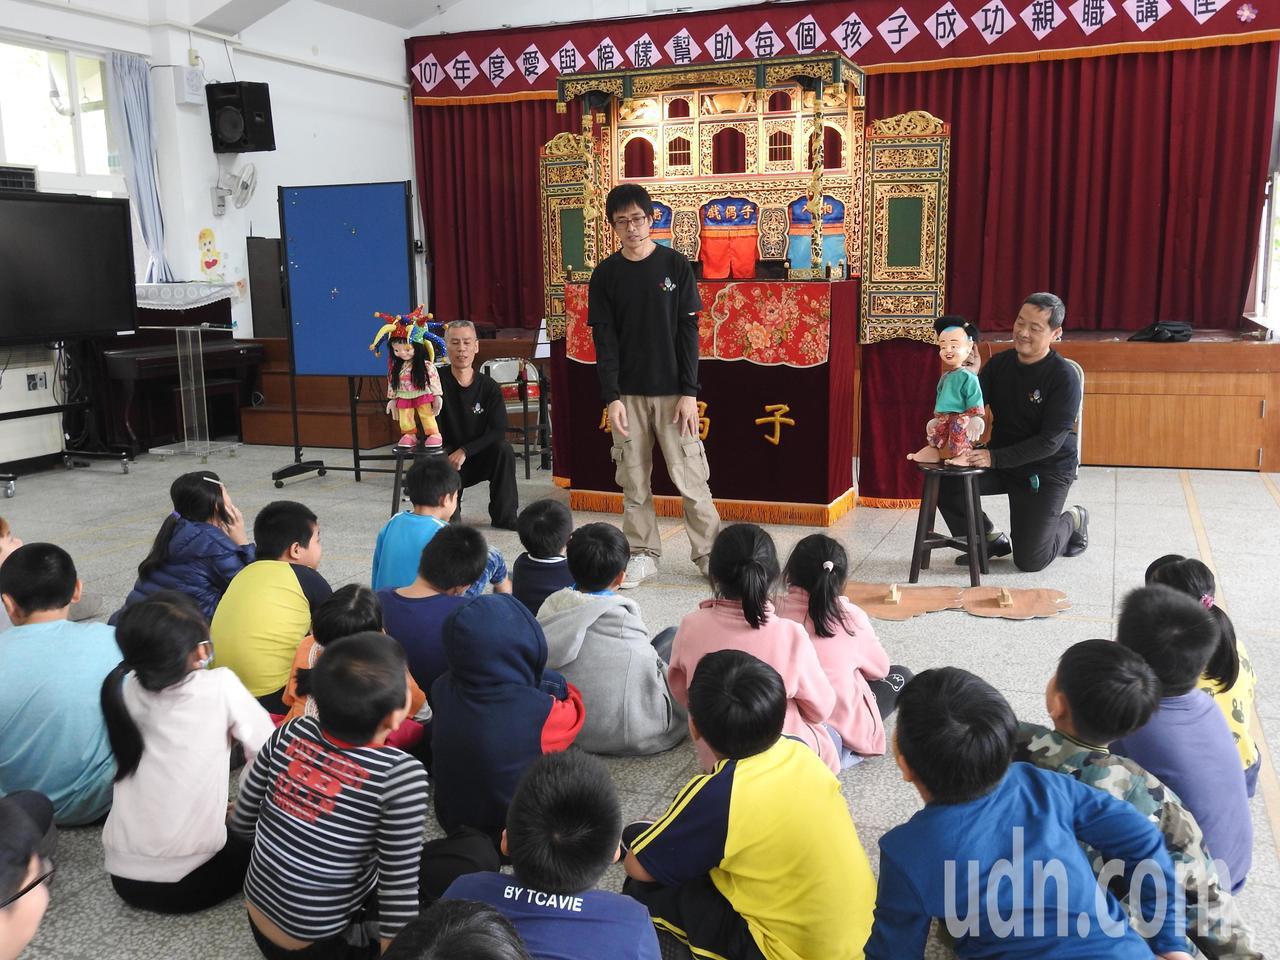 戲偶子劇團昨赴南投縣長流、長福國小演出客語布袋戲,還以國內罕見的執頭偶與學童互動...